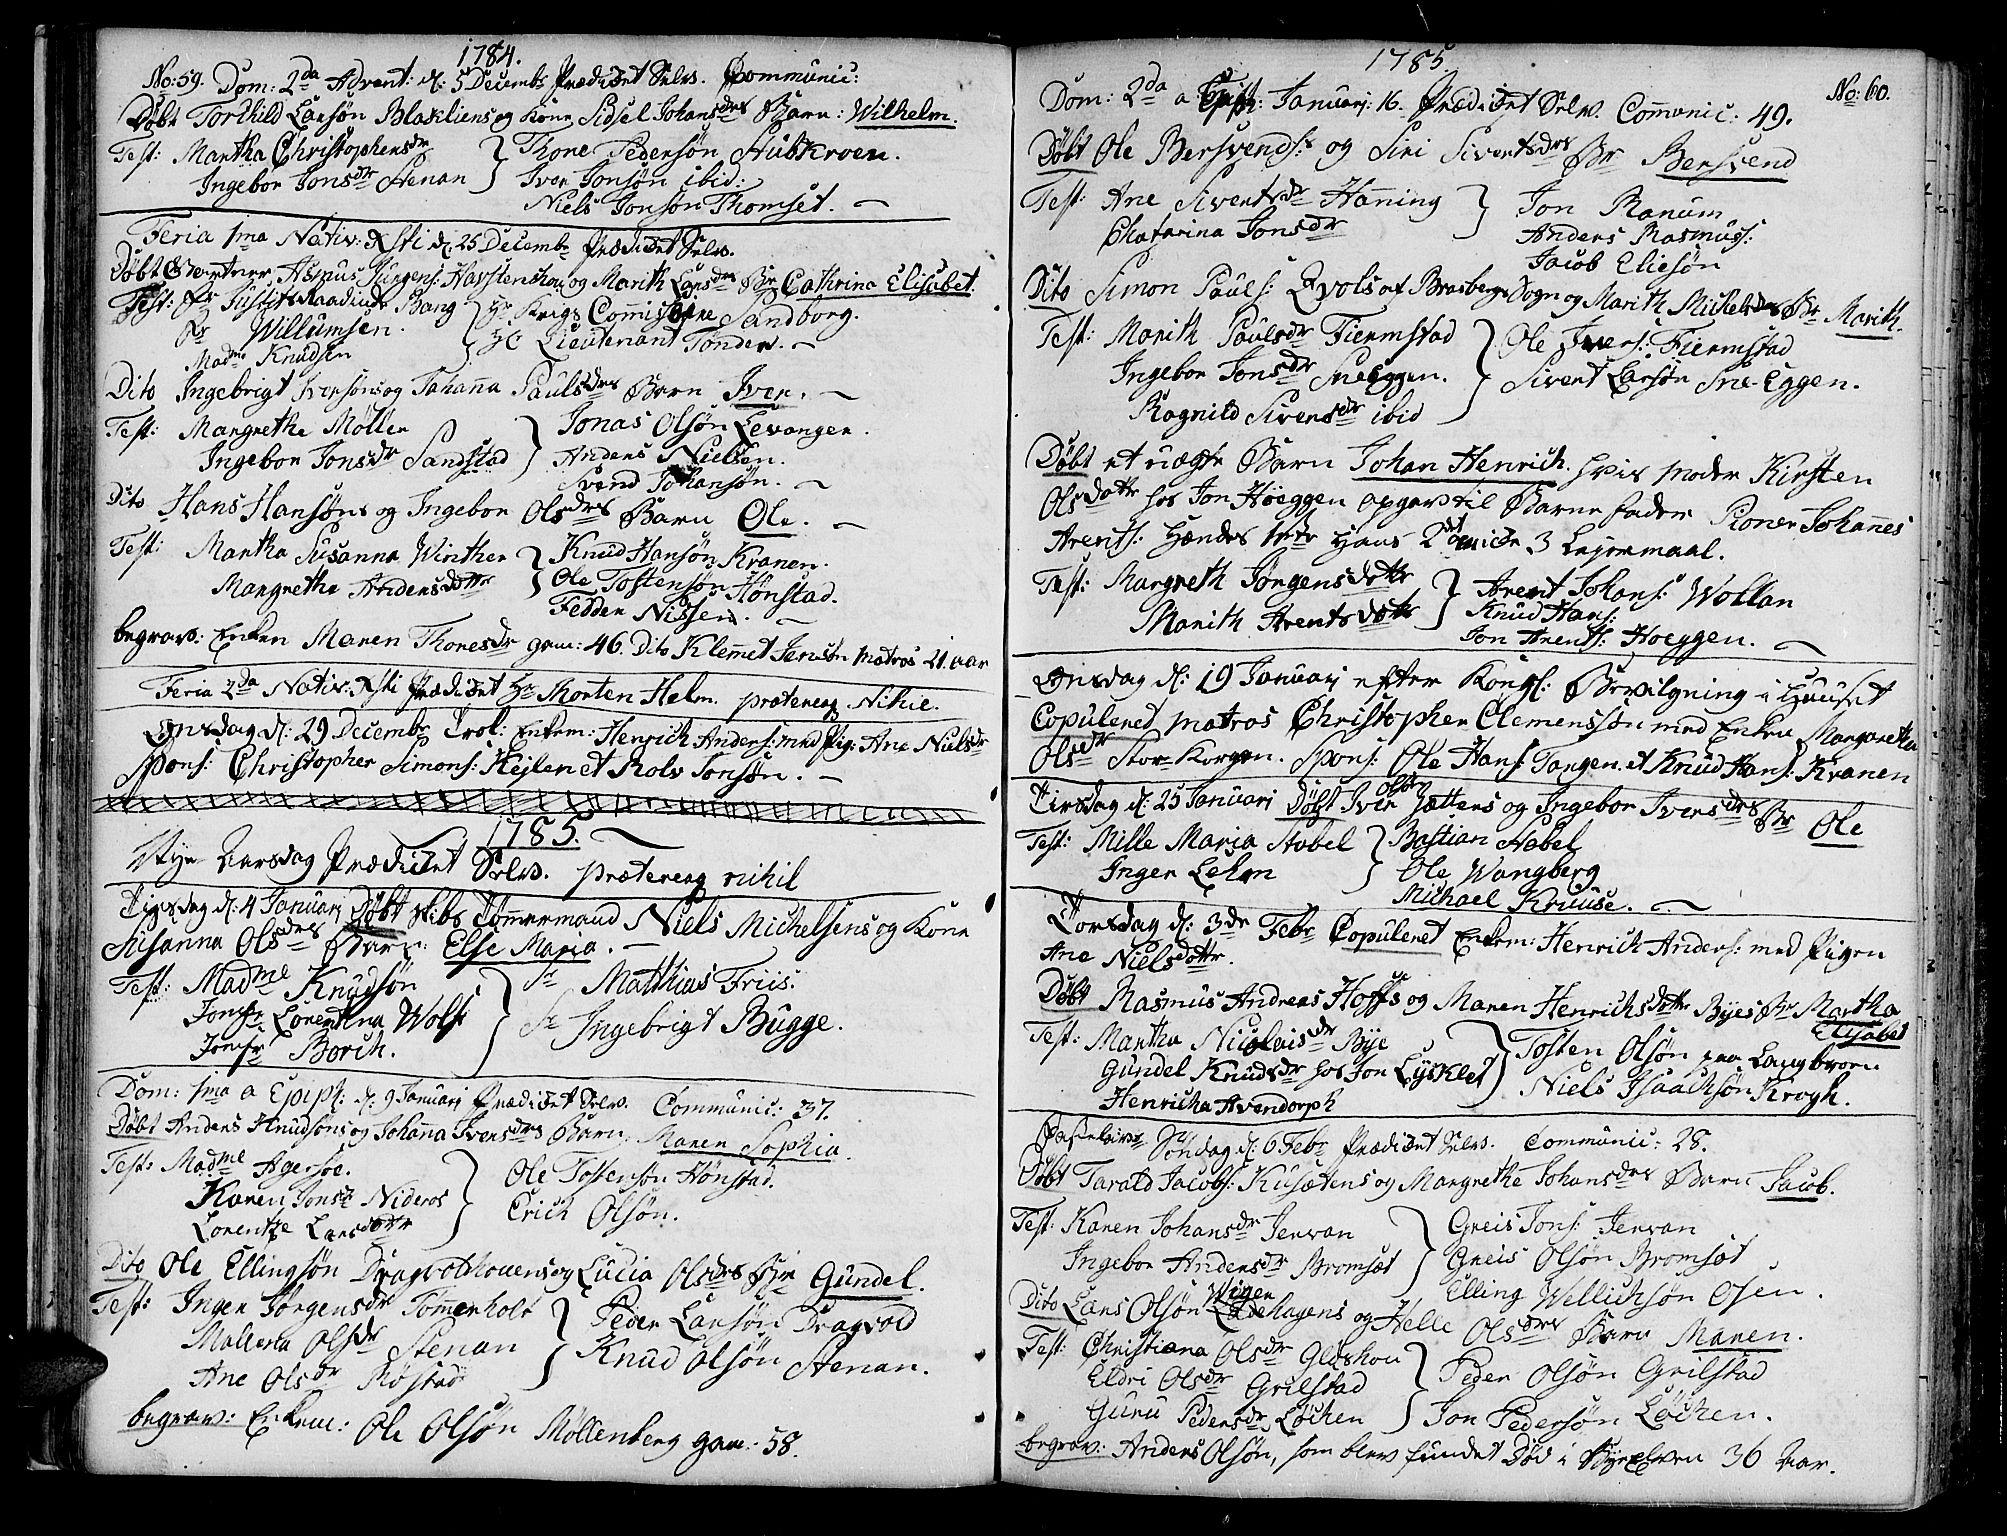 SAT, Ministerialprotokoller, klokkerbøker og fødselsregistre - Sør-Trøndelag, 604/L0180: Ministerialbok nr. 604A01, 1780-1797, s. 59-60